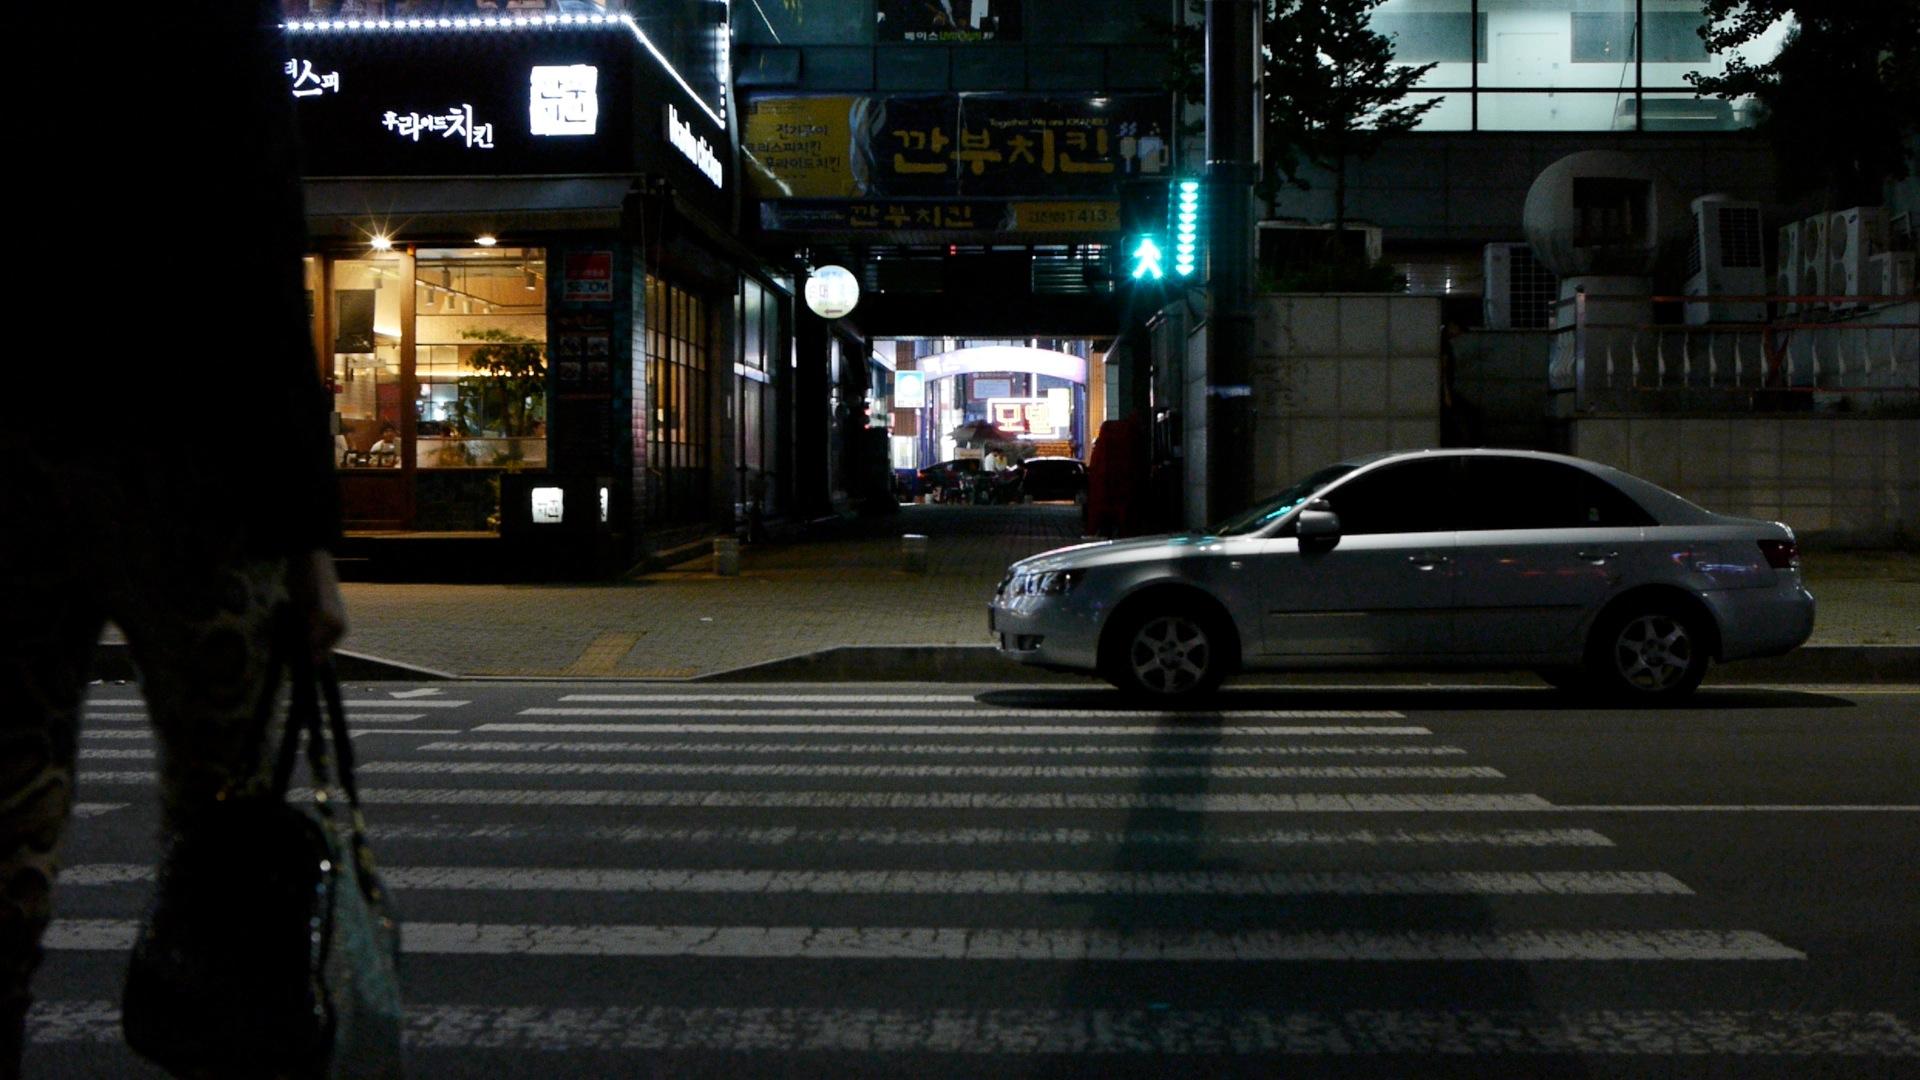 street+1.jpg